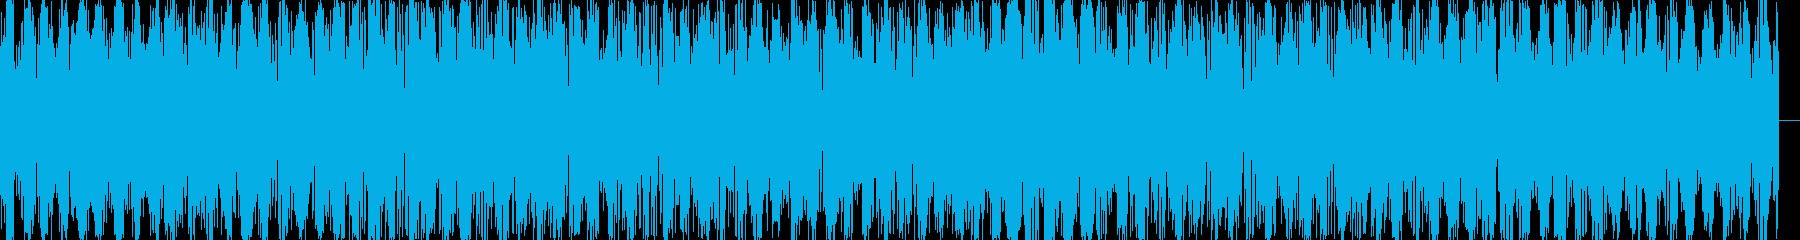 動画 技術的な advertisi...の再生済みの波形